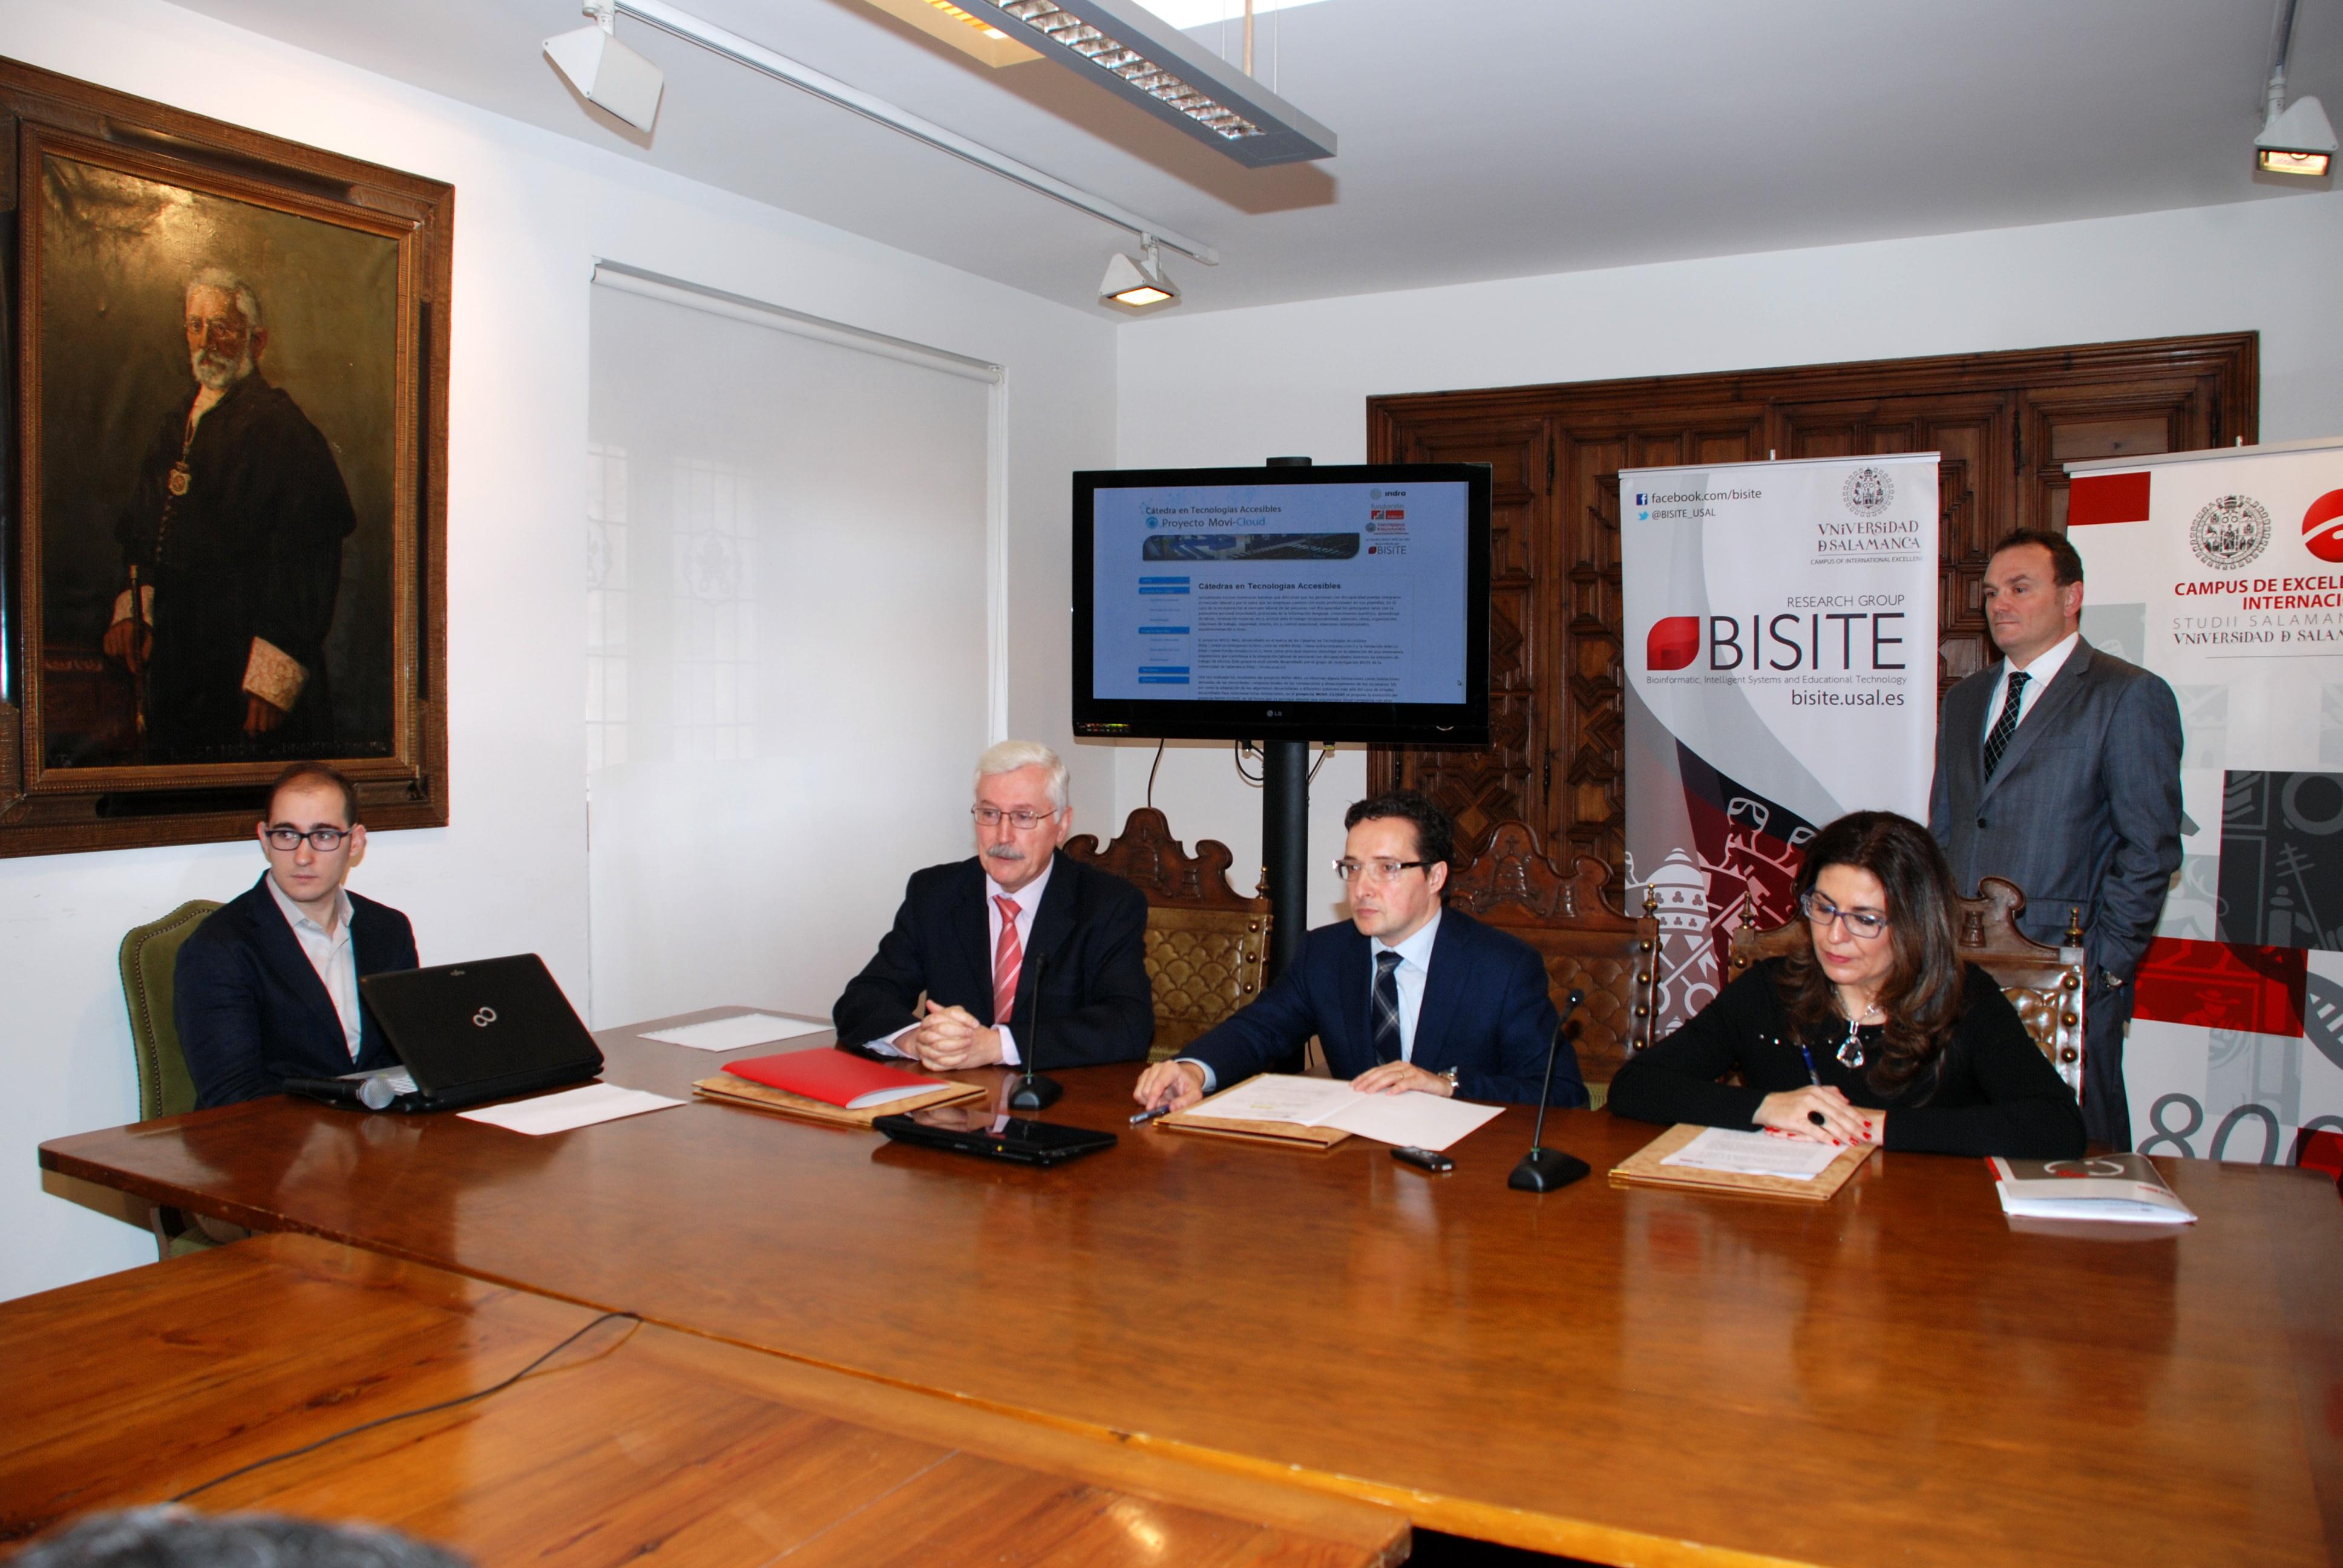 La Universidad de Salamanca sube a la 'nube' su tecnología para facilitar la inserción laboral de las personas con discapacidad